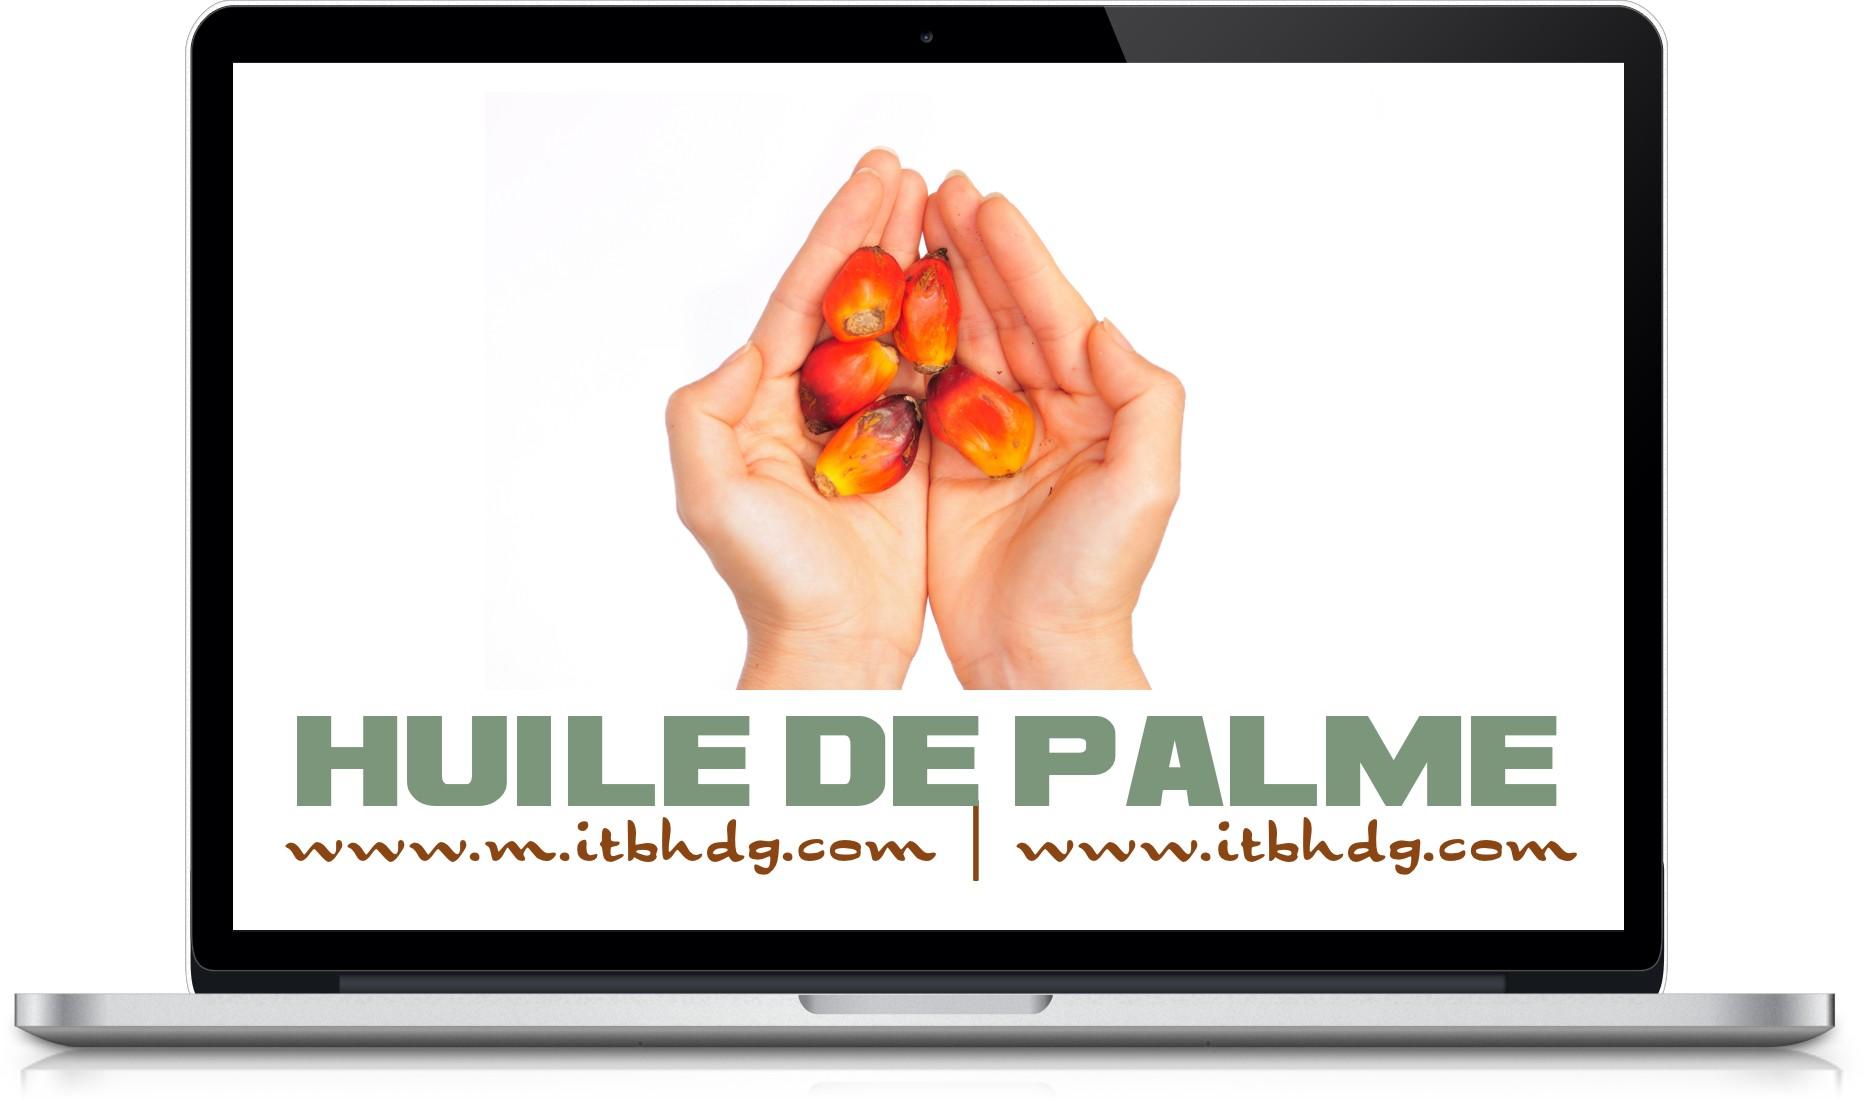 Huile de Palme Raffinée, Oléïne de Palme Raffinée, Huile de Palmiste Raffinée, Stéarine de Palme Raffinée, Huile de Palme Brute  | www.m.itbhdg.com | www.itbhdg.com